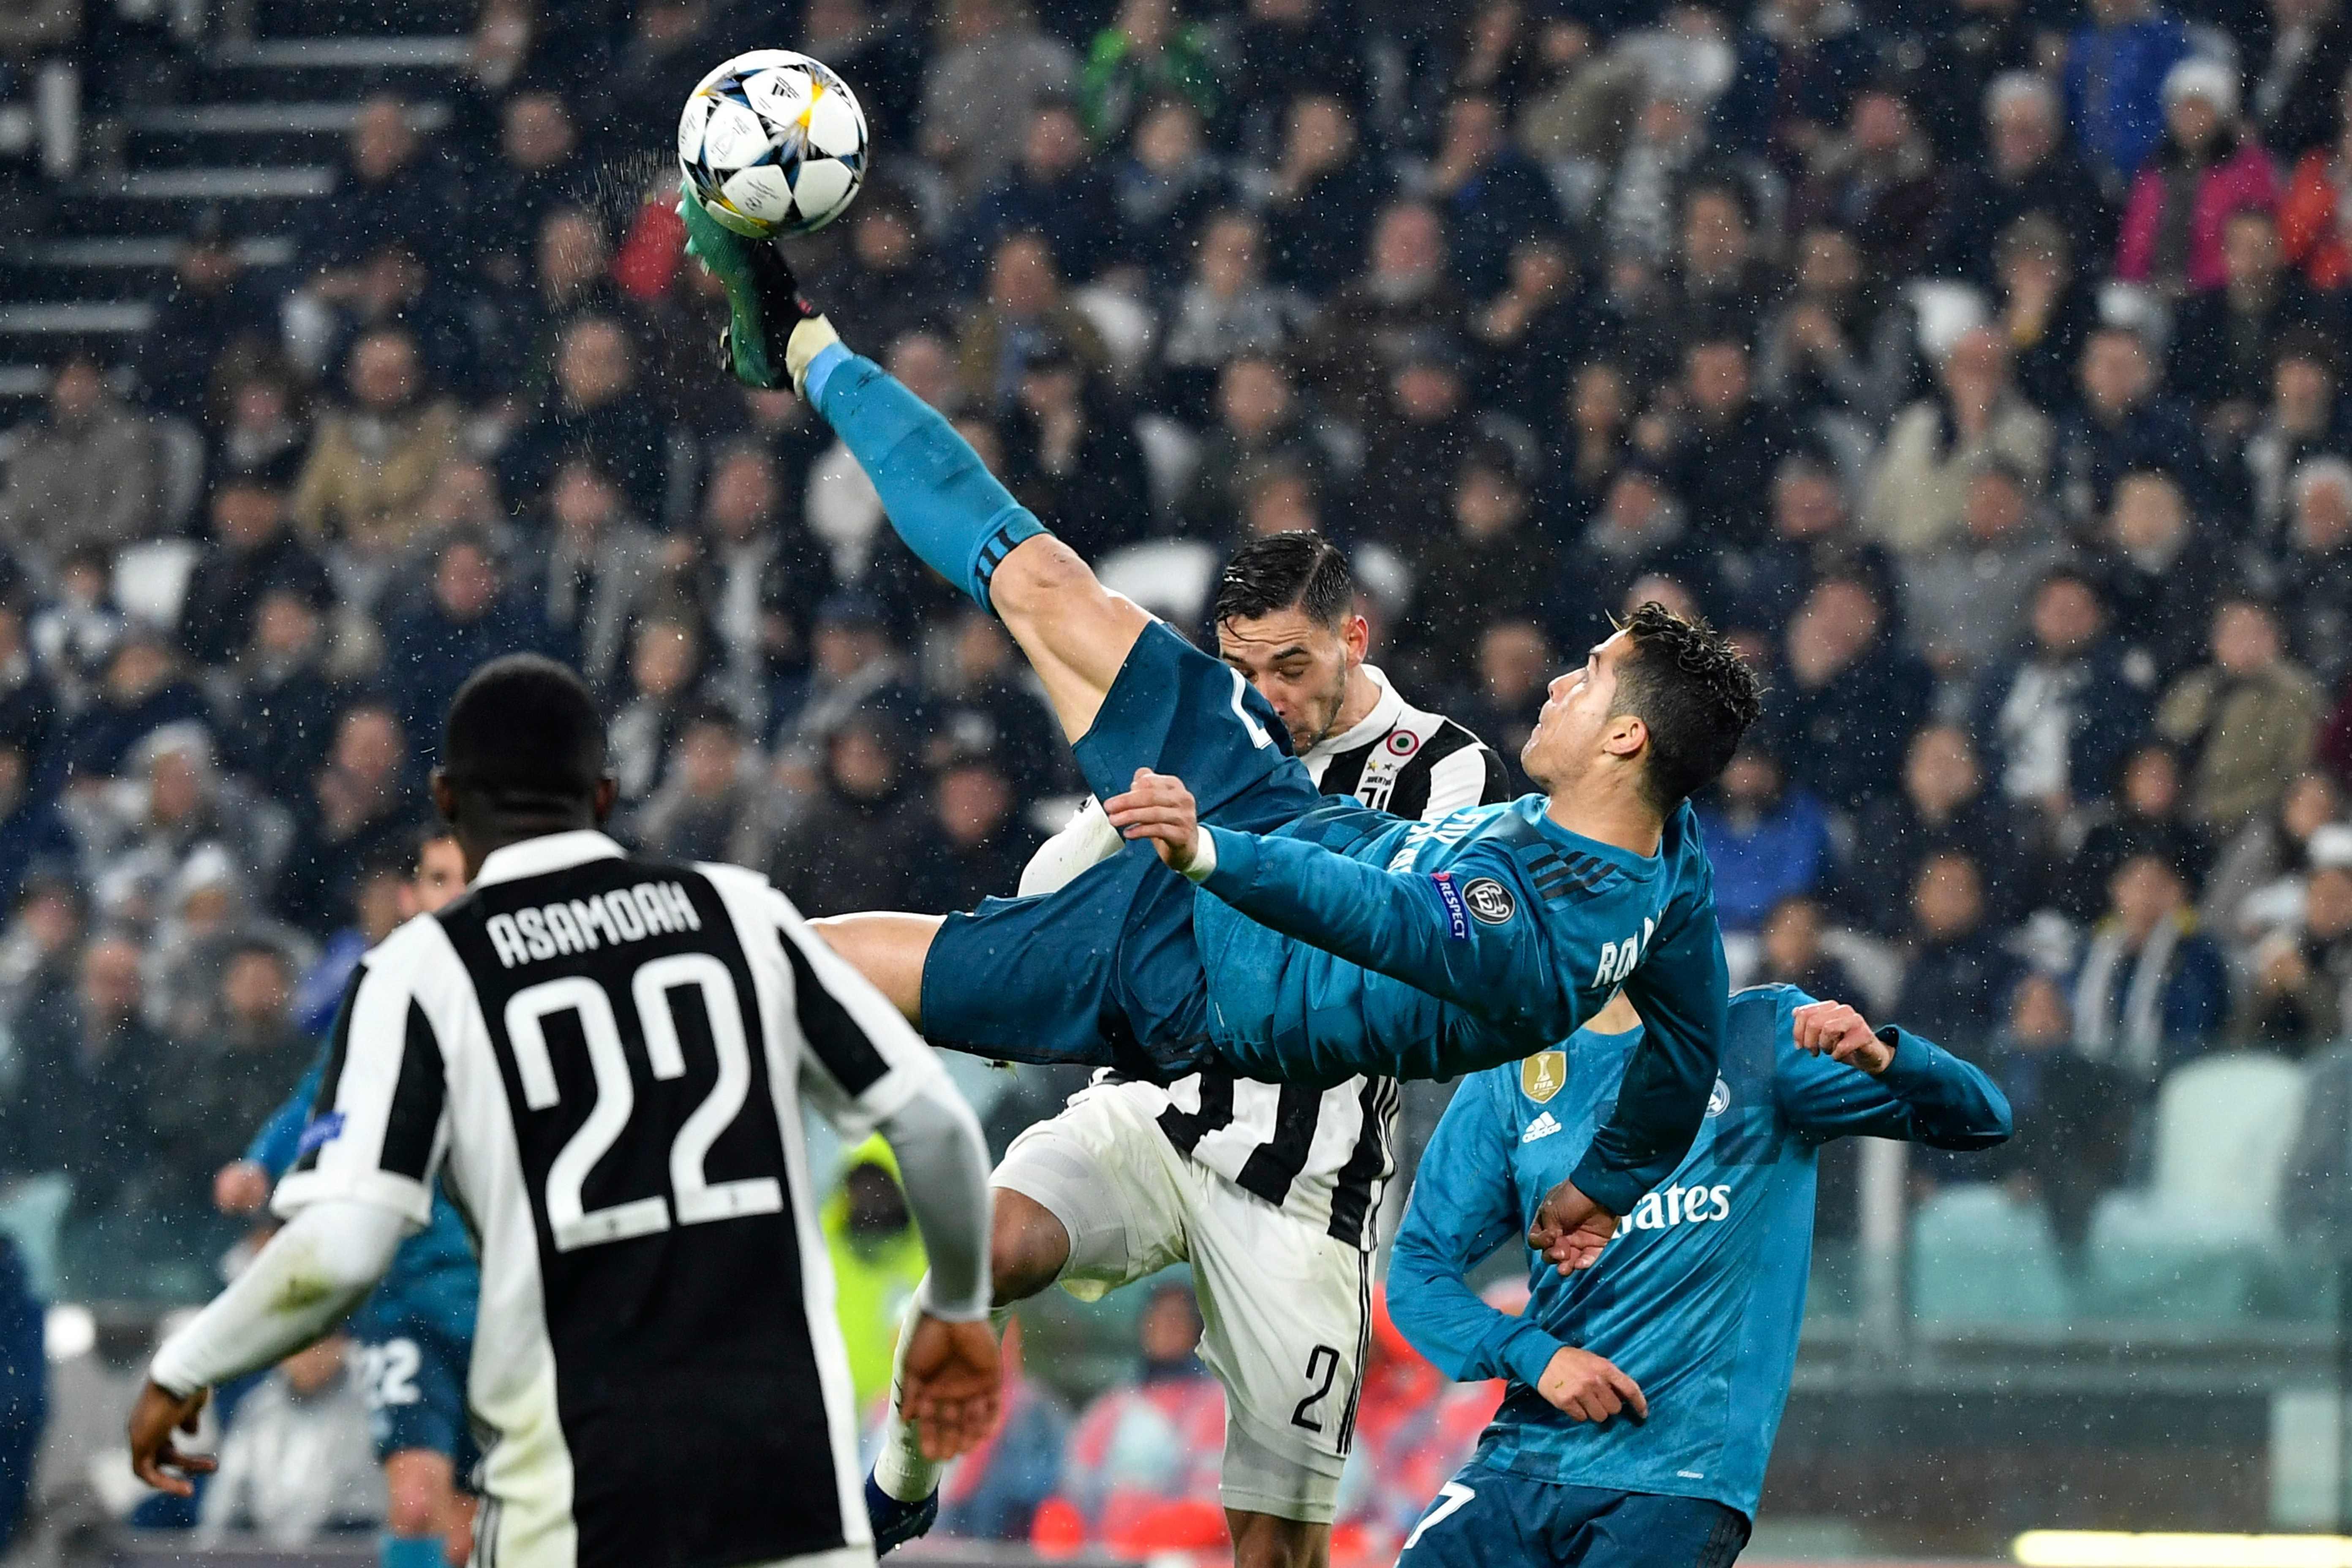 Multicampeão pelo Real se rende a Cristiano Ronaldo: